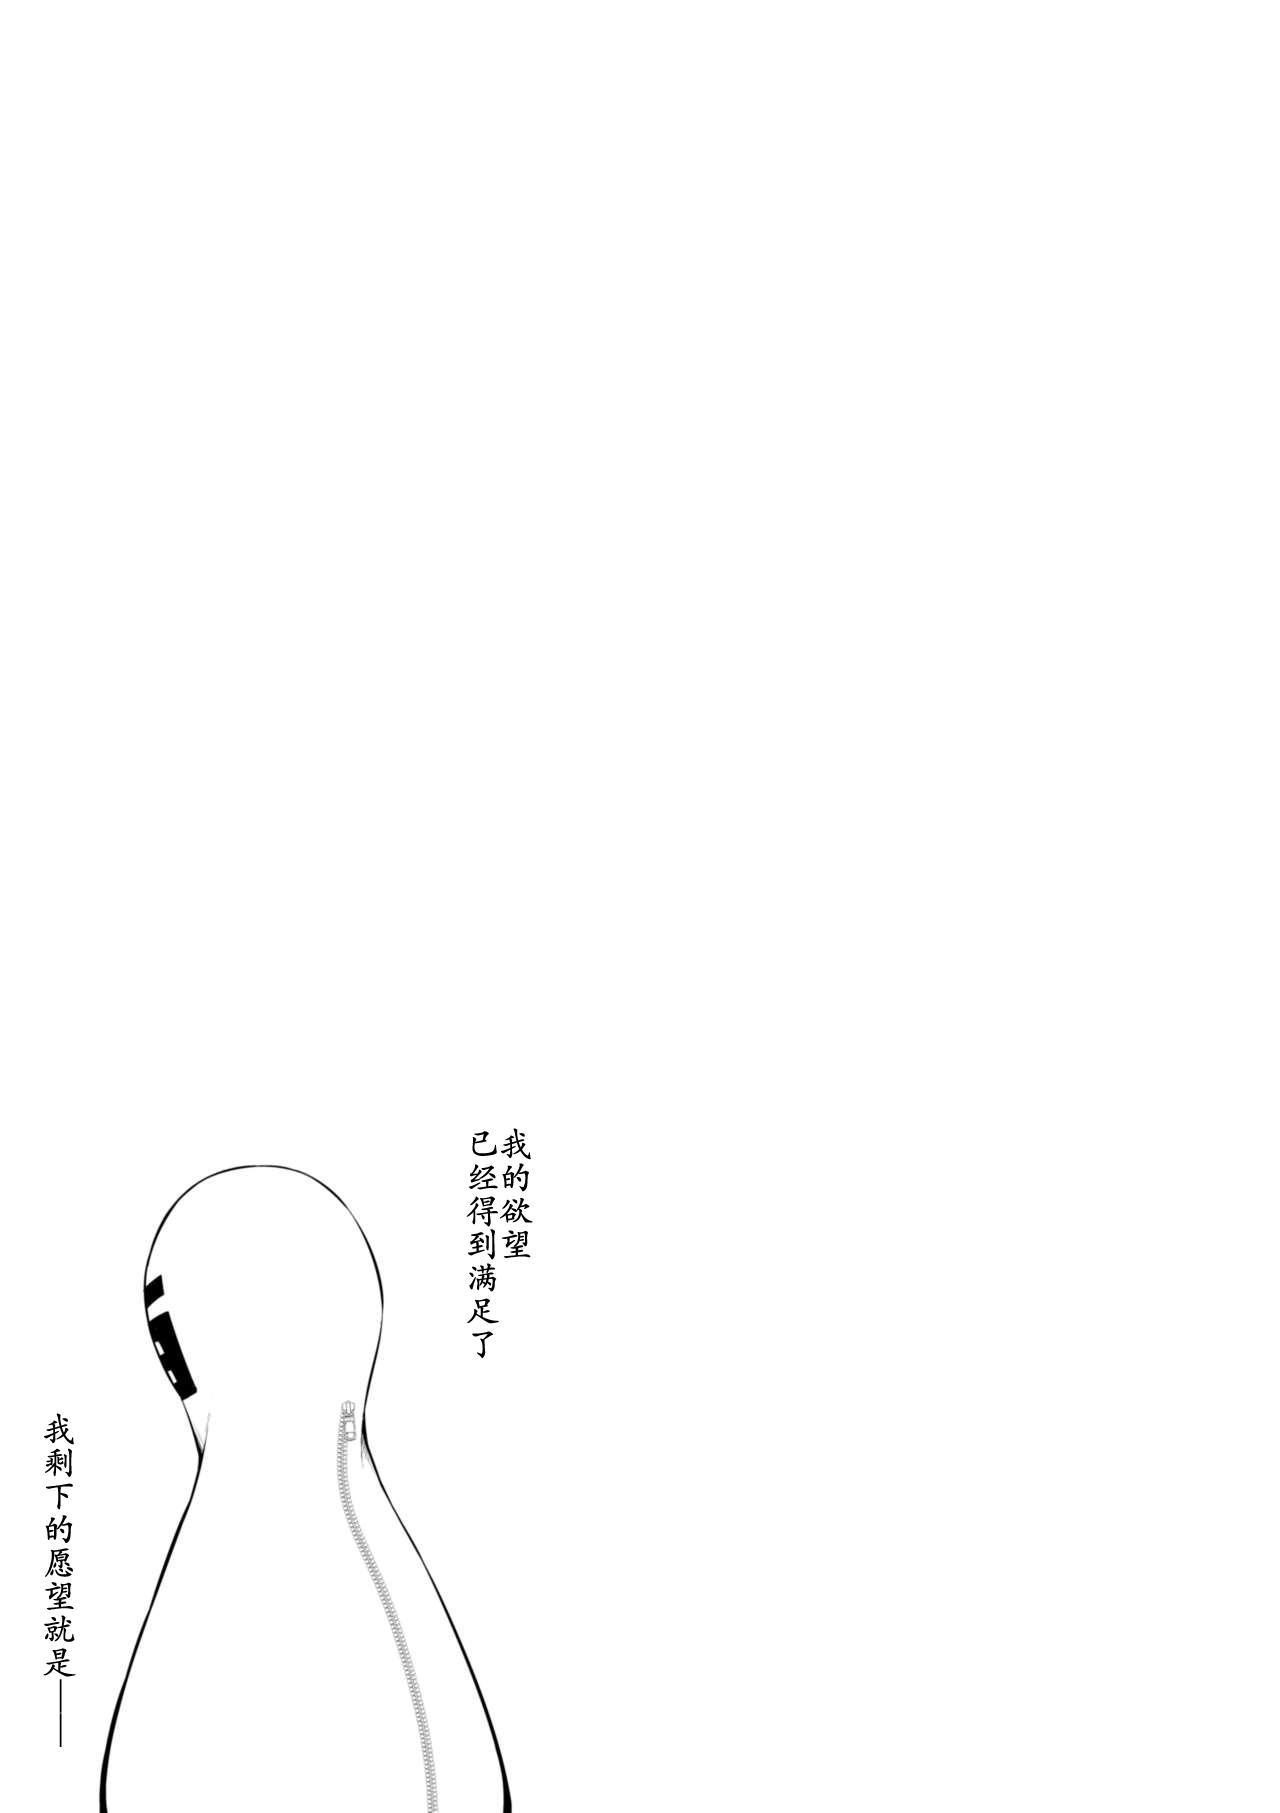 Zeccho Suruto 0.05% no Kakuritsu de Derareru Heya | 高潮后只有0.05%的概率~才能离开的房间 51